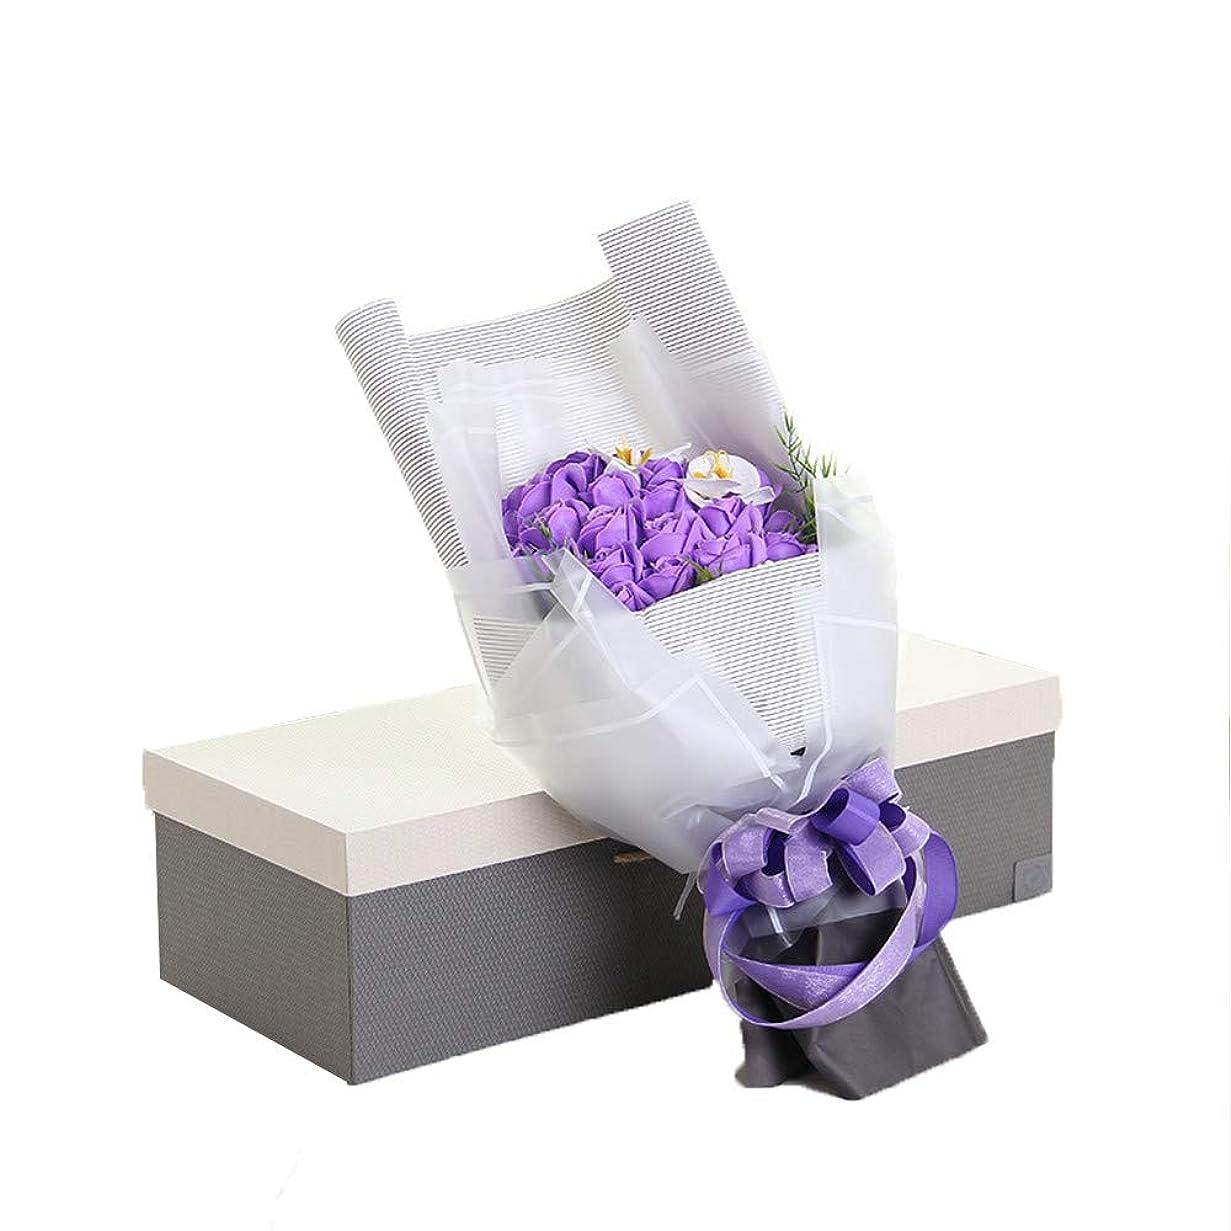 ページェント製油所頼る手作り29石鹸花の花束ギフトボックス、女性のためのギフトバレンタインデー、母の日、結婚式、クリスマス、誕生日(ベアカラーランダム) (色 : 紫の)